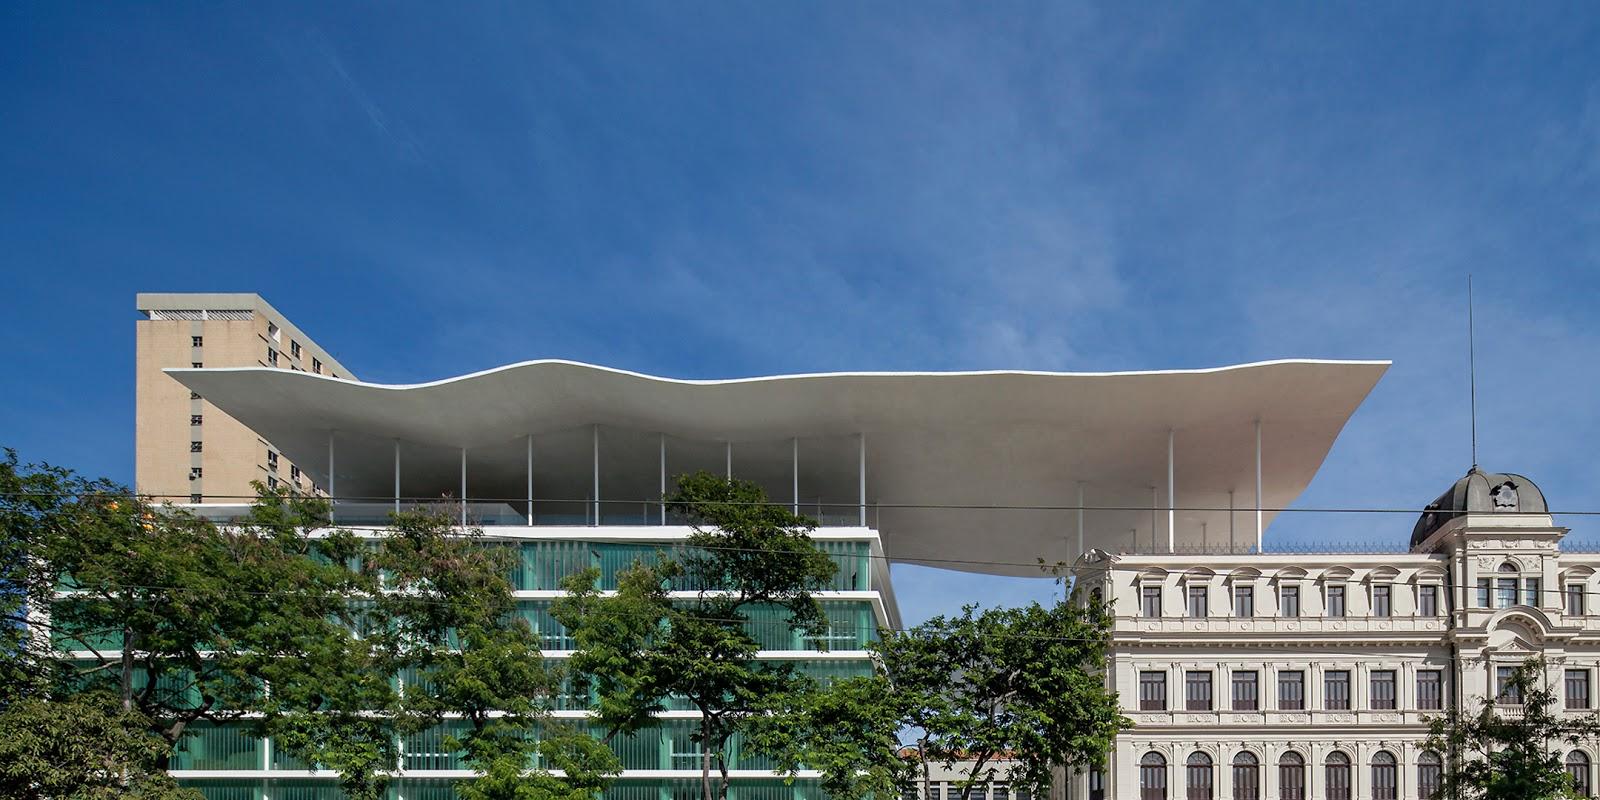 Museu de Arte do Rio - Rio de Janeiro